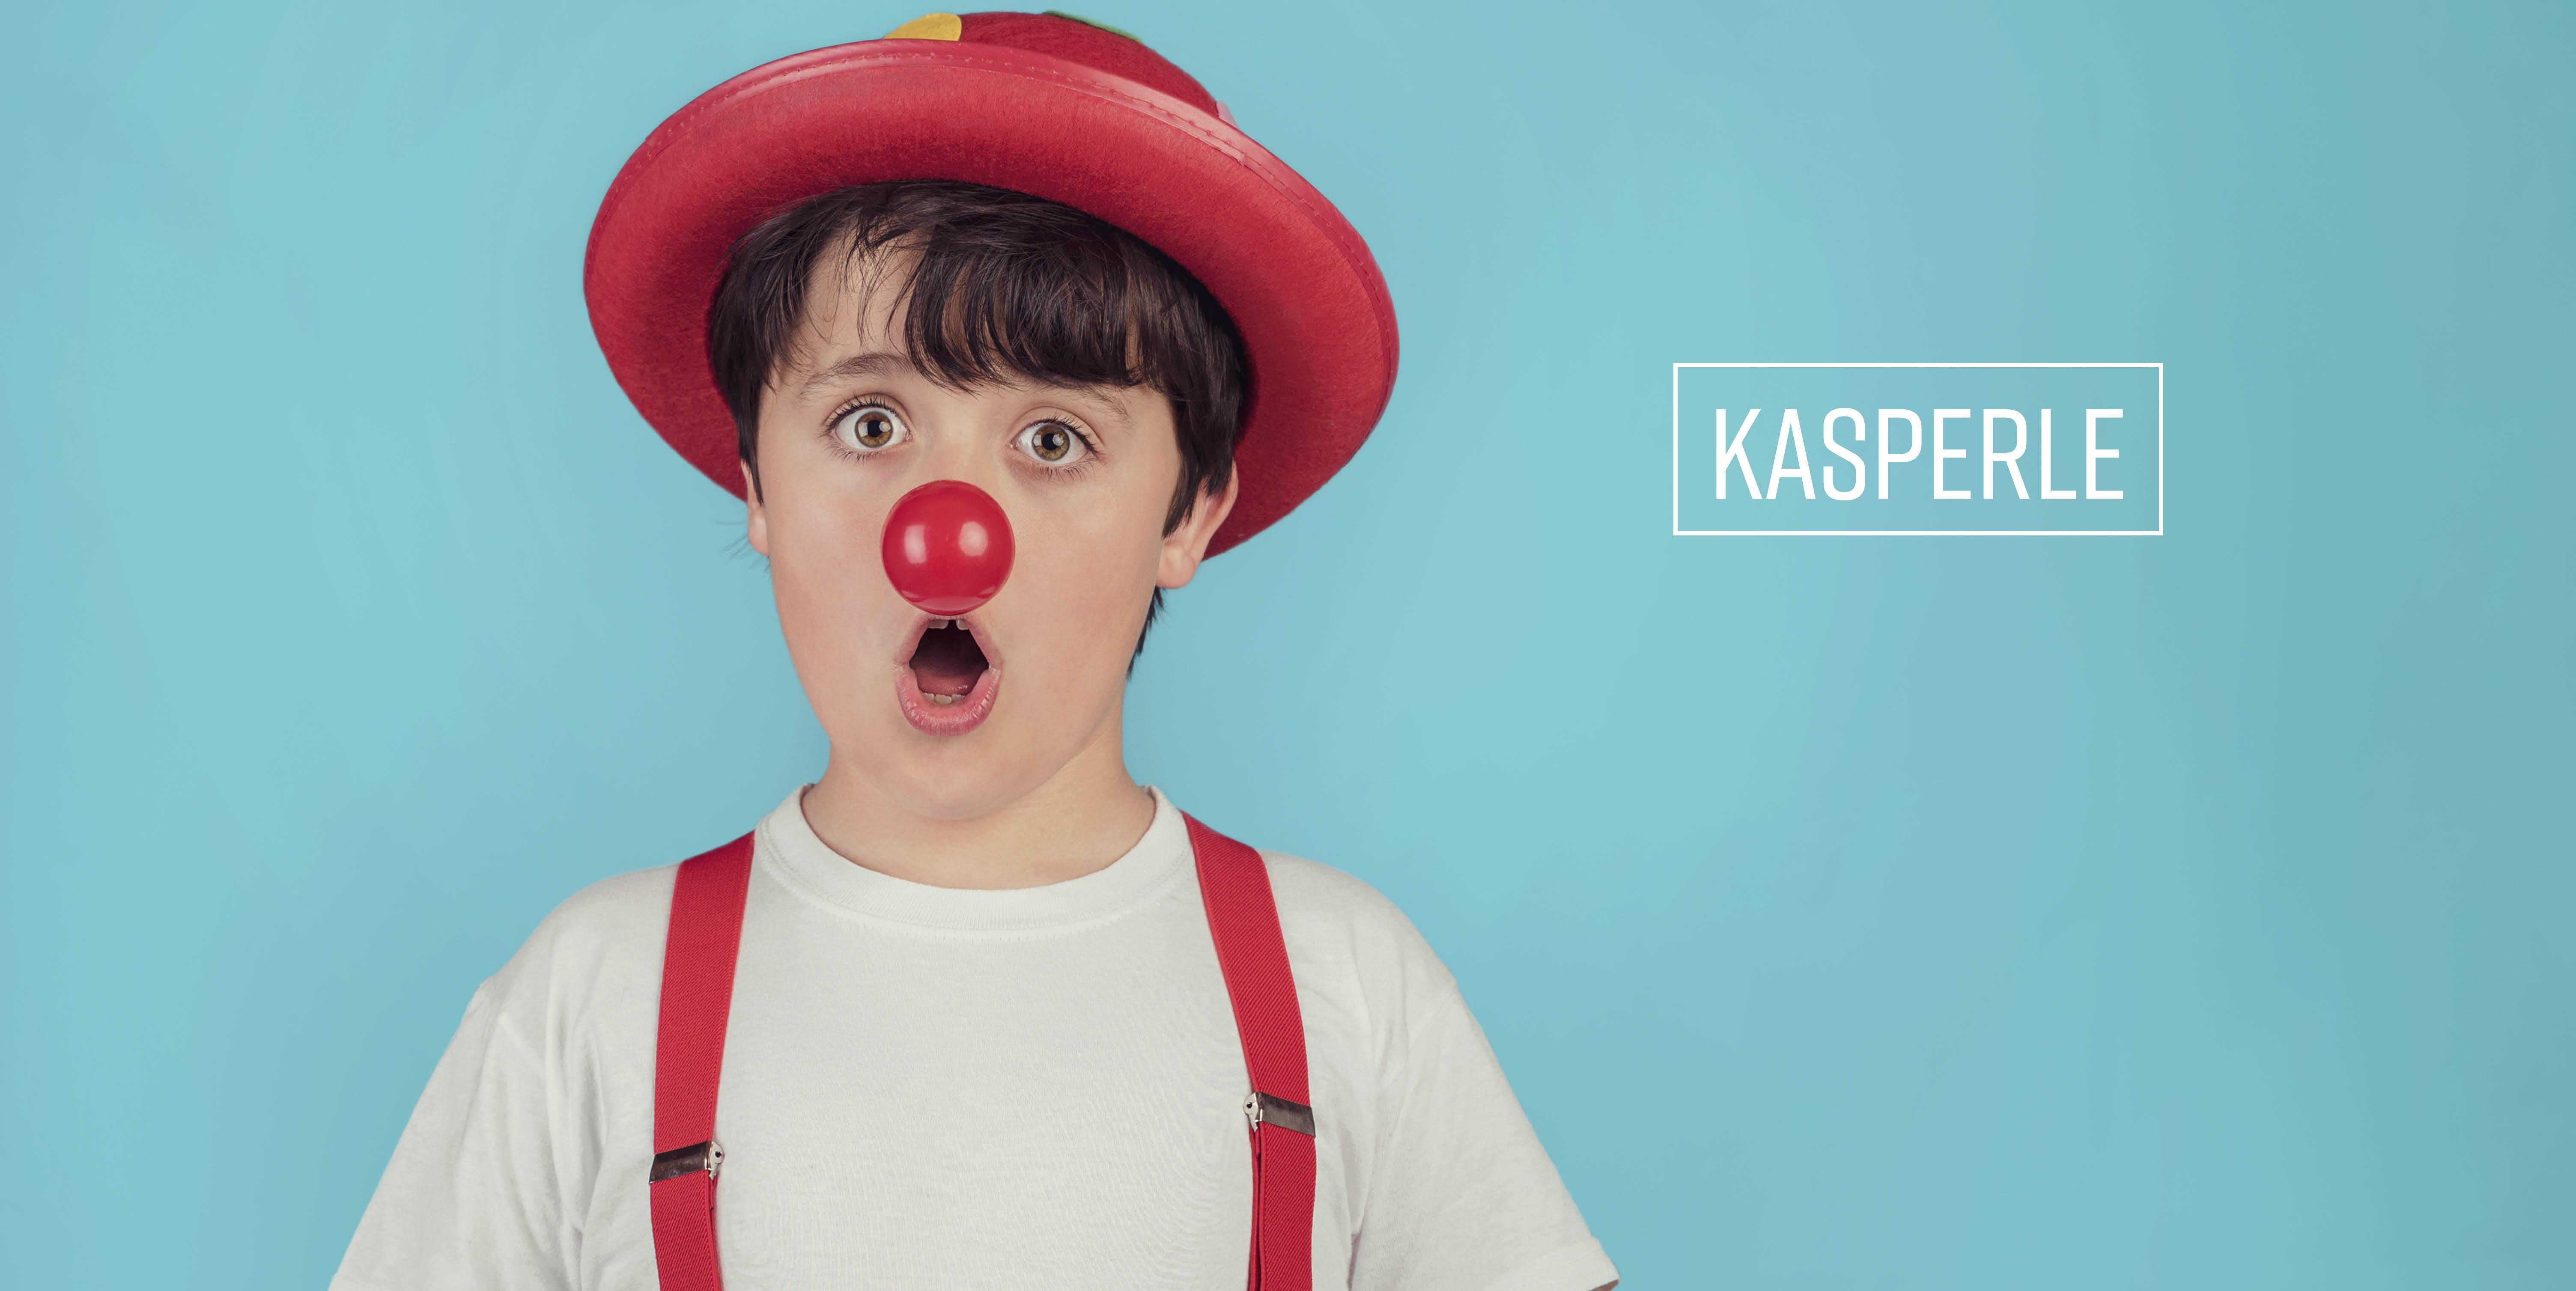 V1 Frontslideshow Kasperle